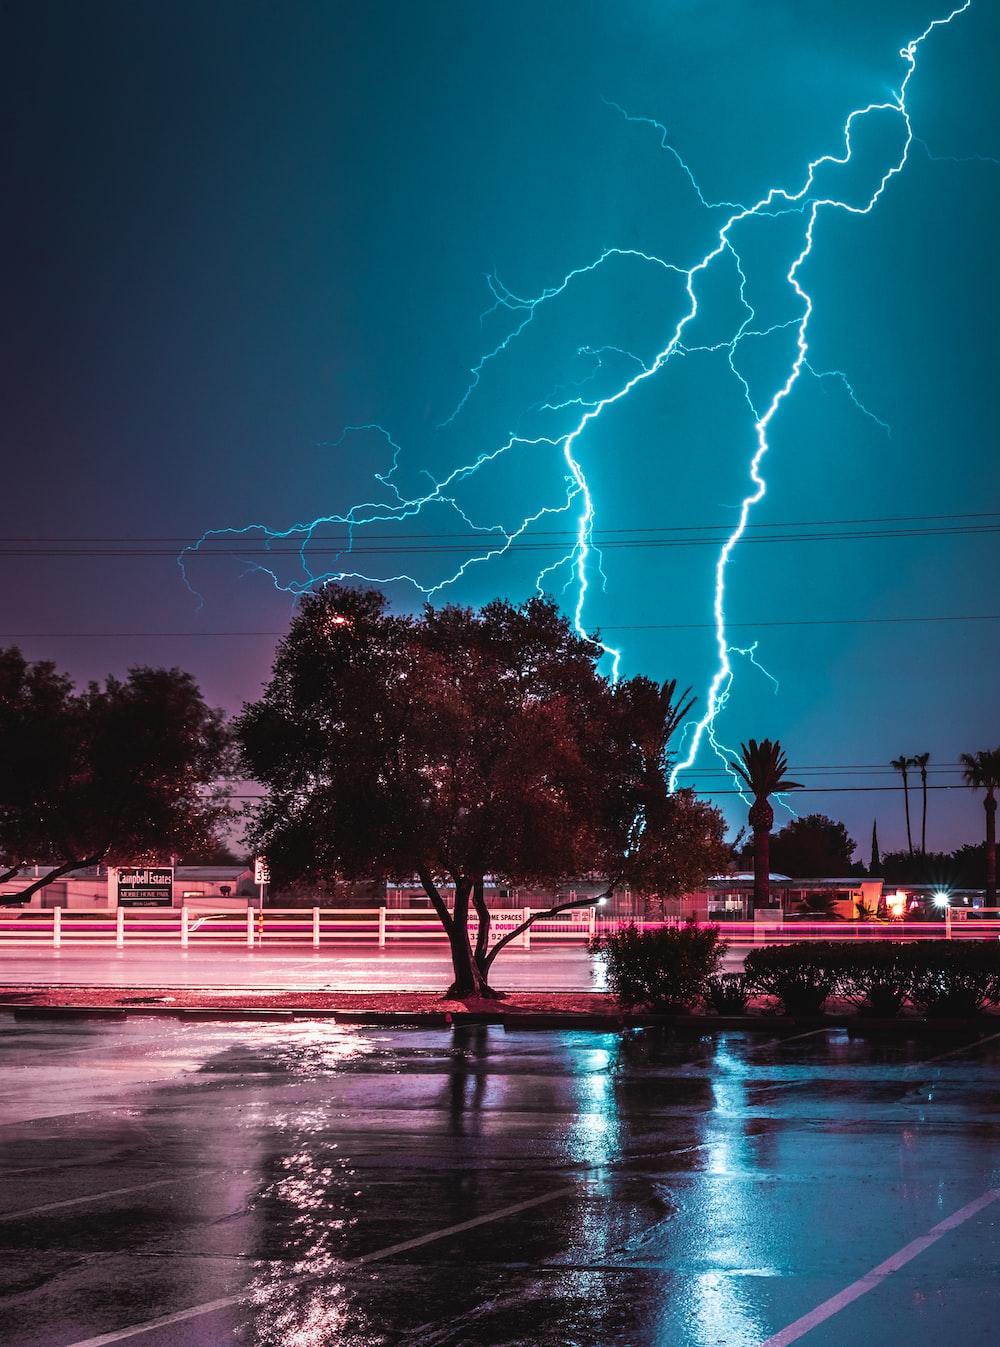 green tree across lightning bolt